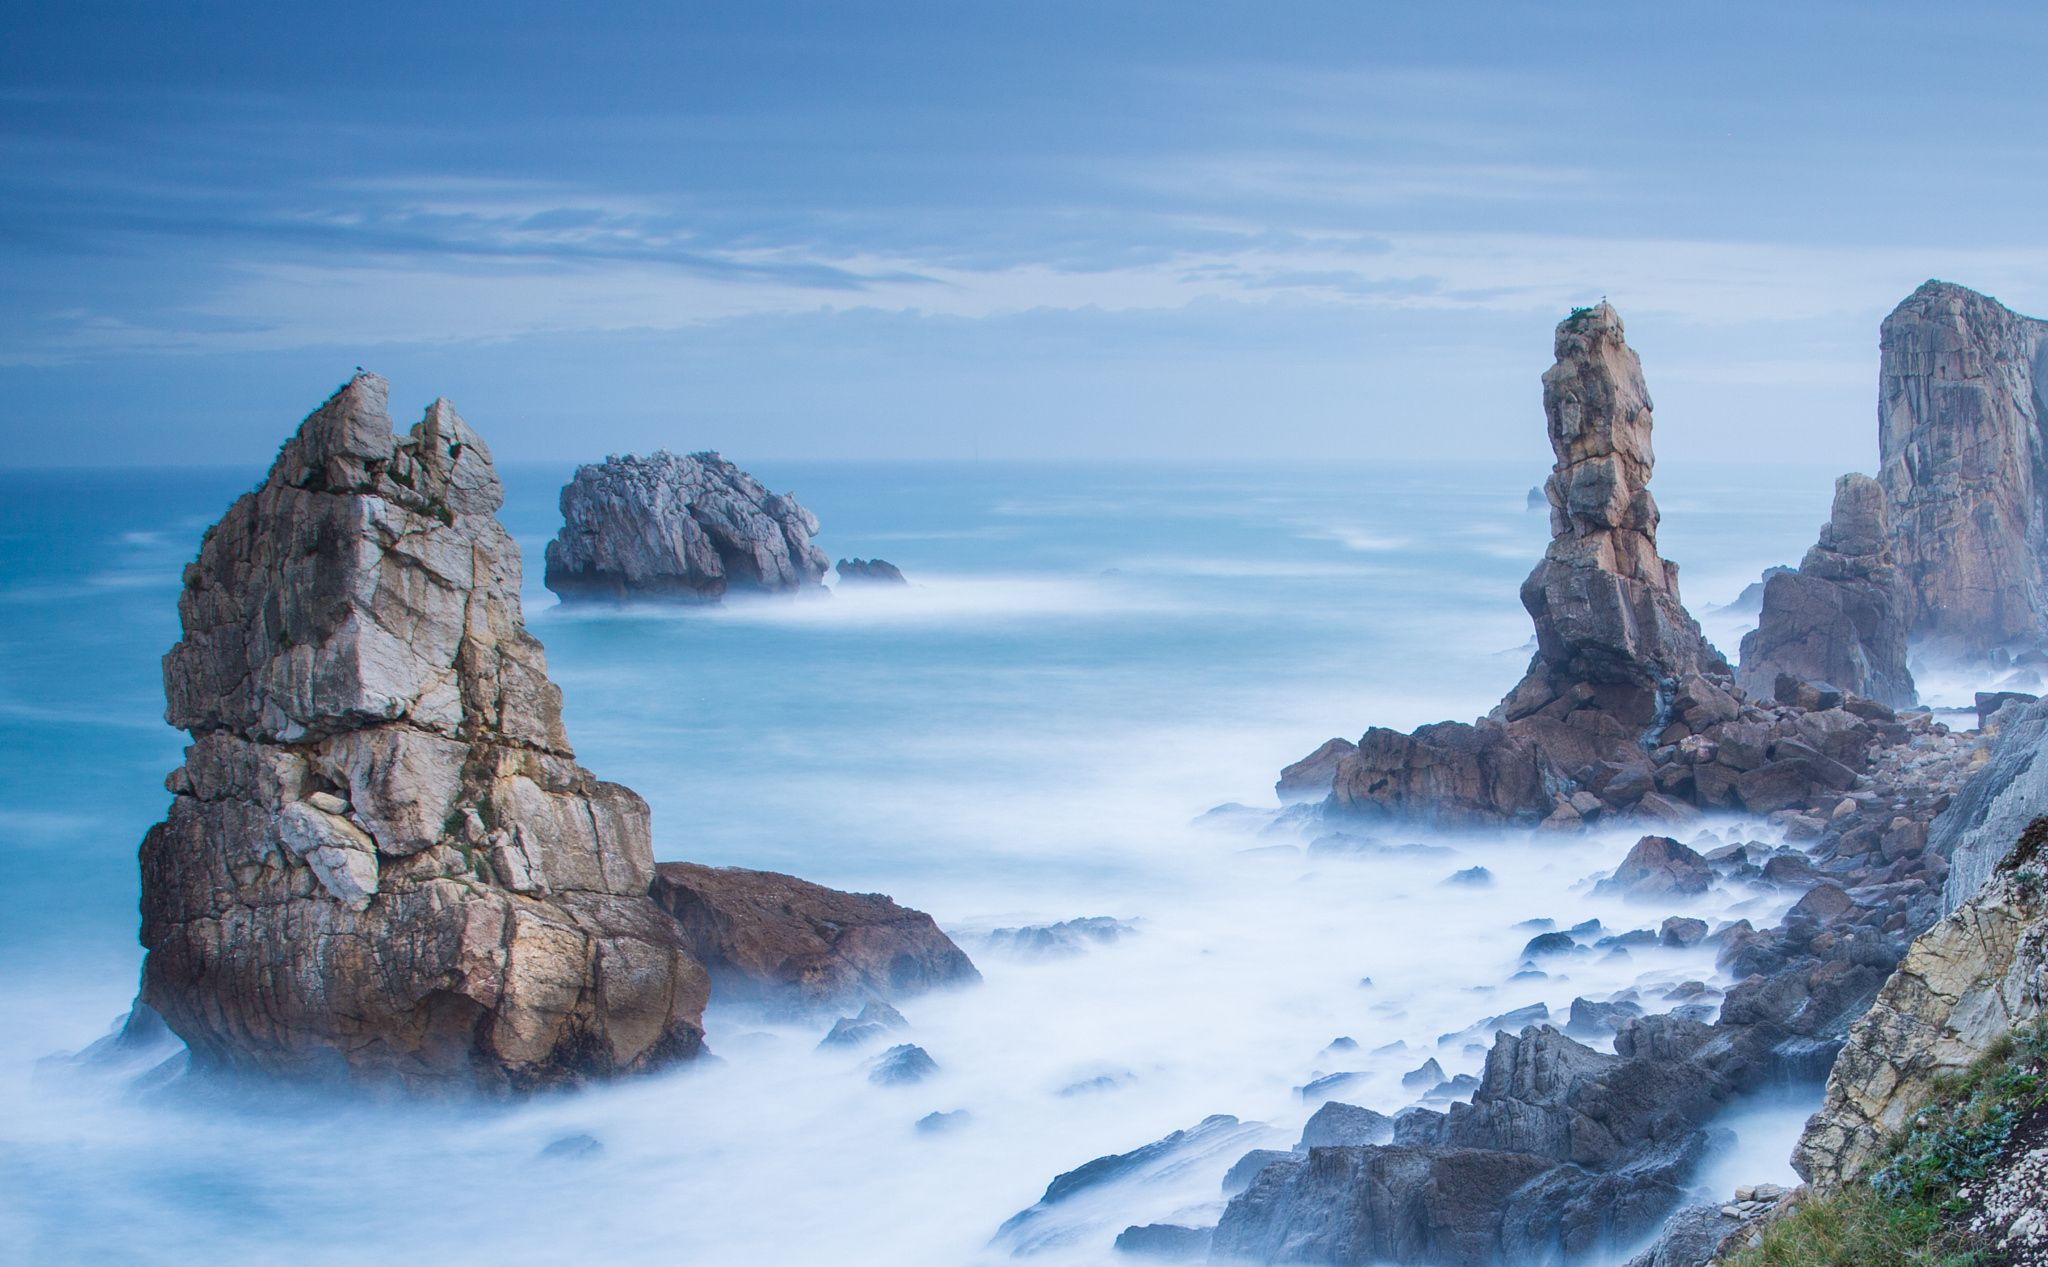 Broken coast - Landscape of Costa quebrada , Liencres #Cantabria #Spain